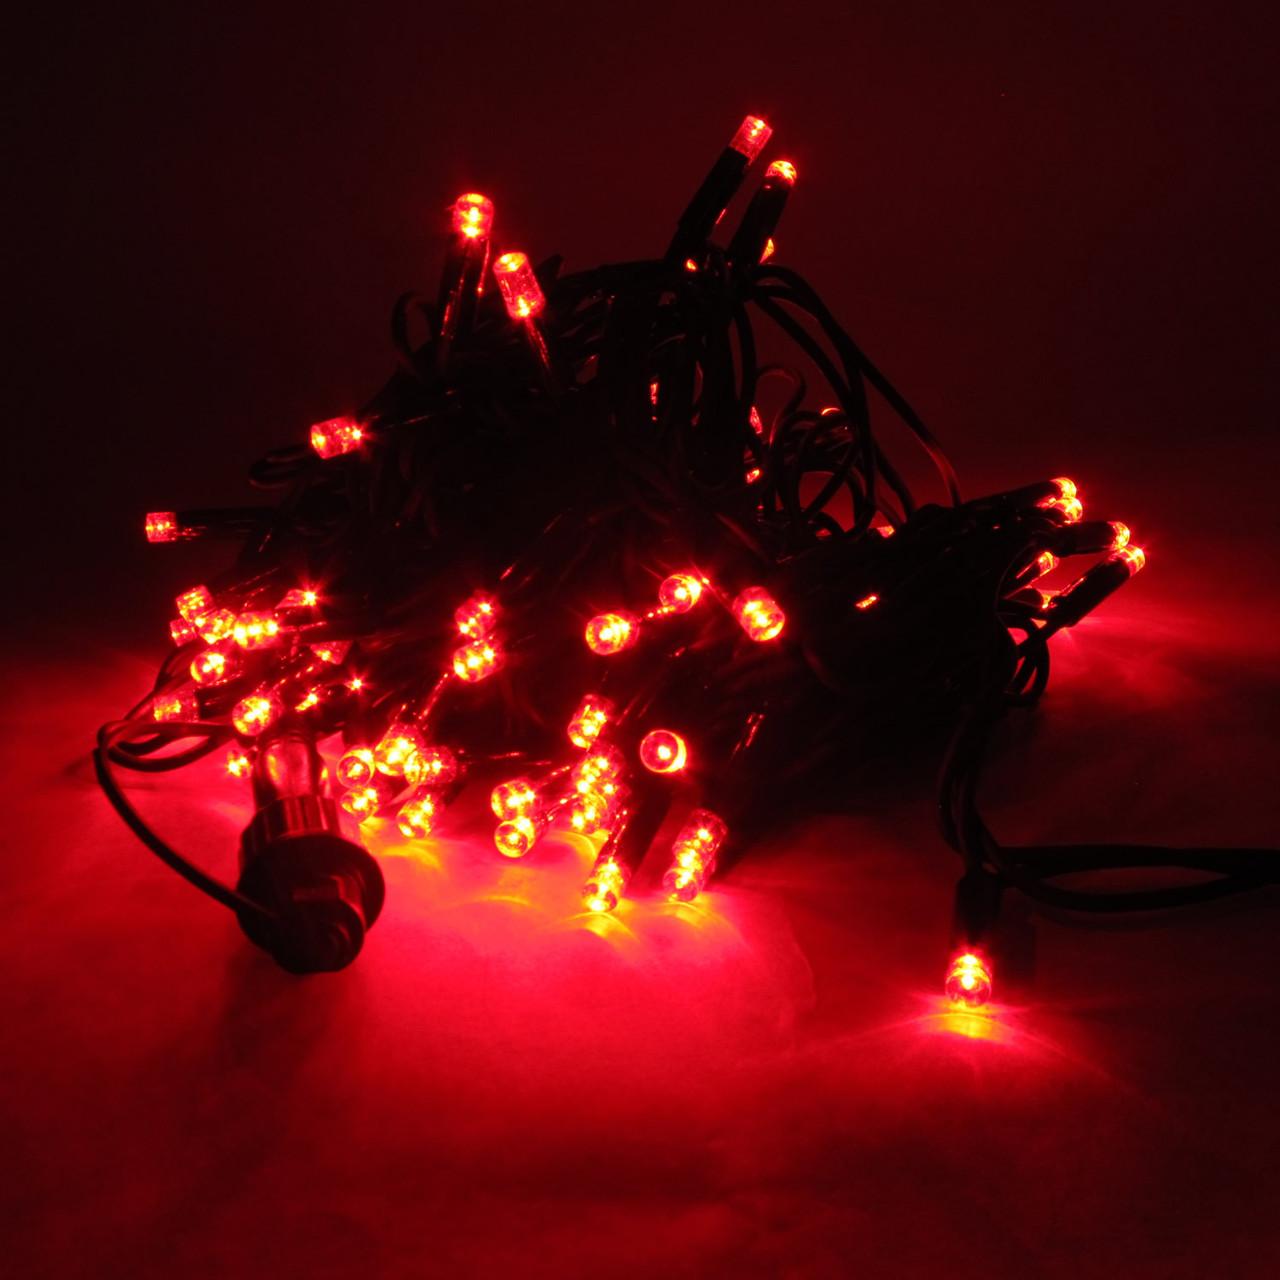 Светодиодная гирлянда String Light (нить), 20 м, 200 LED, ПВХ